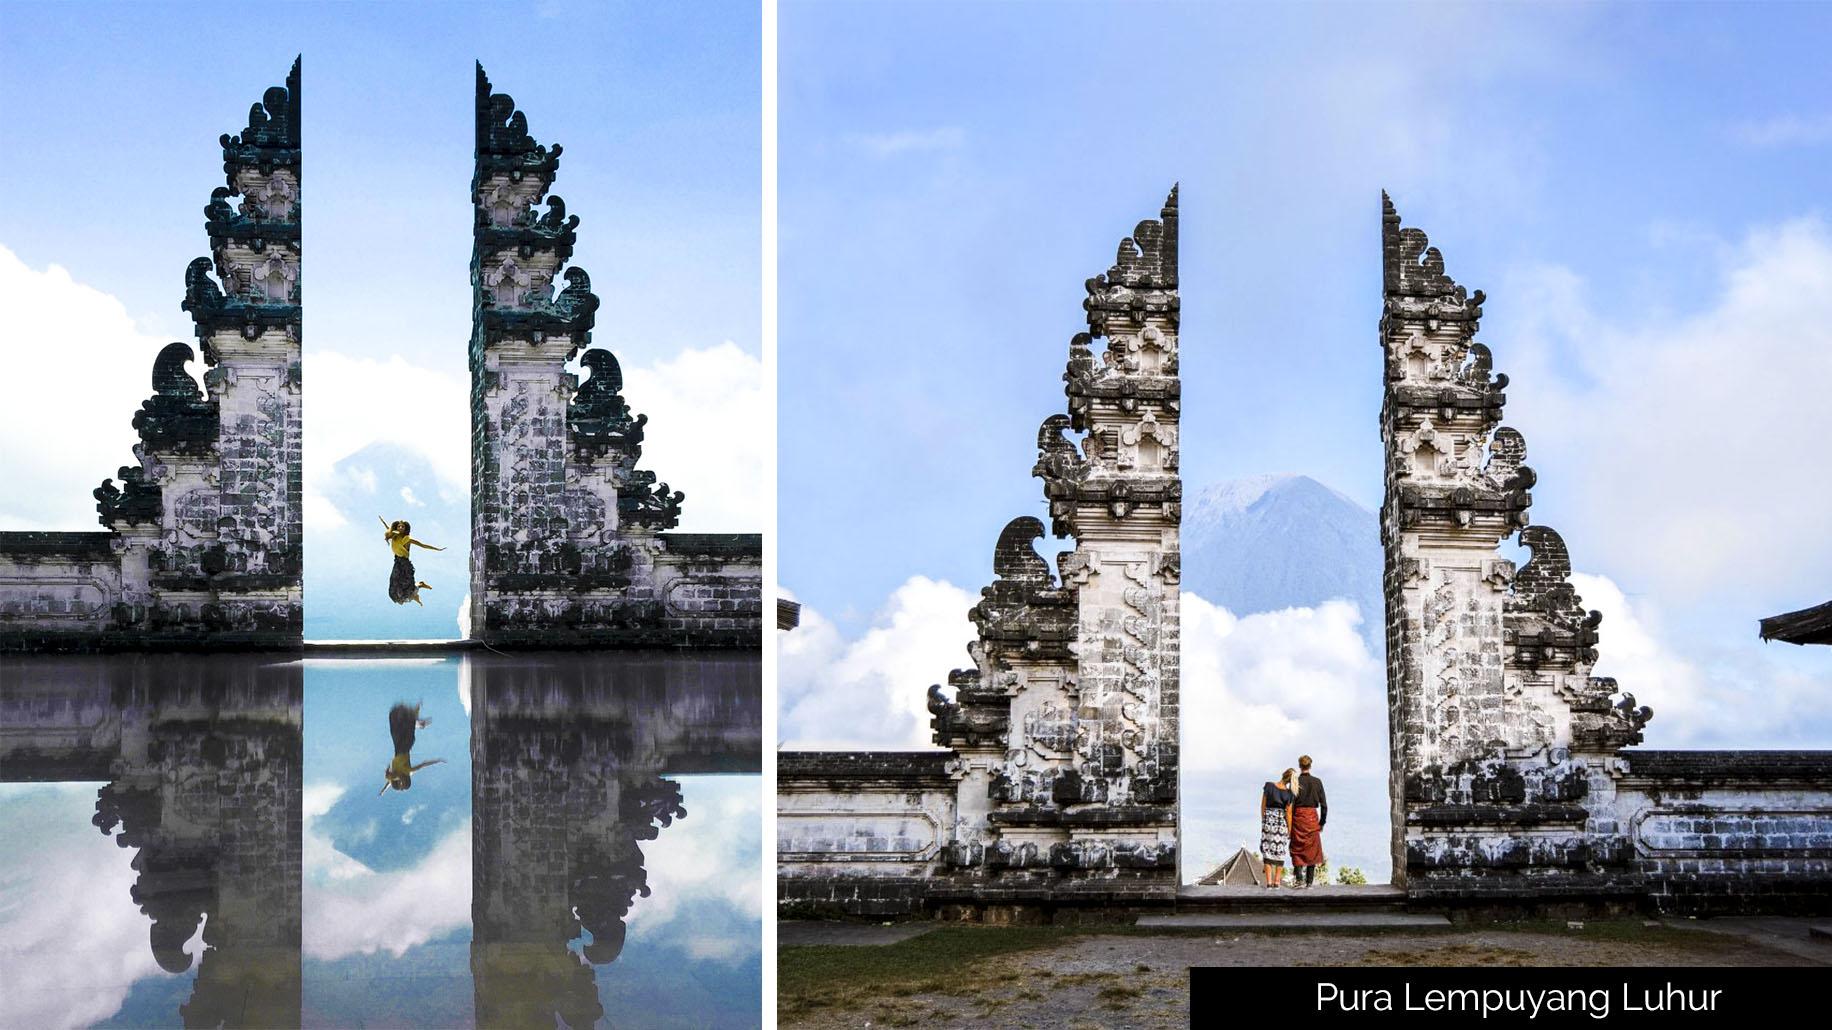 Pura Lempuyang Luhur- du lịch Bali ngaylangthang